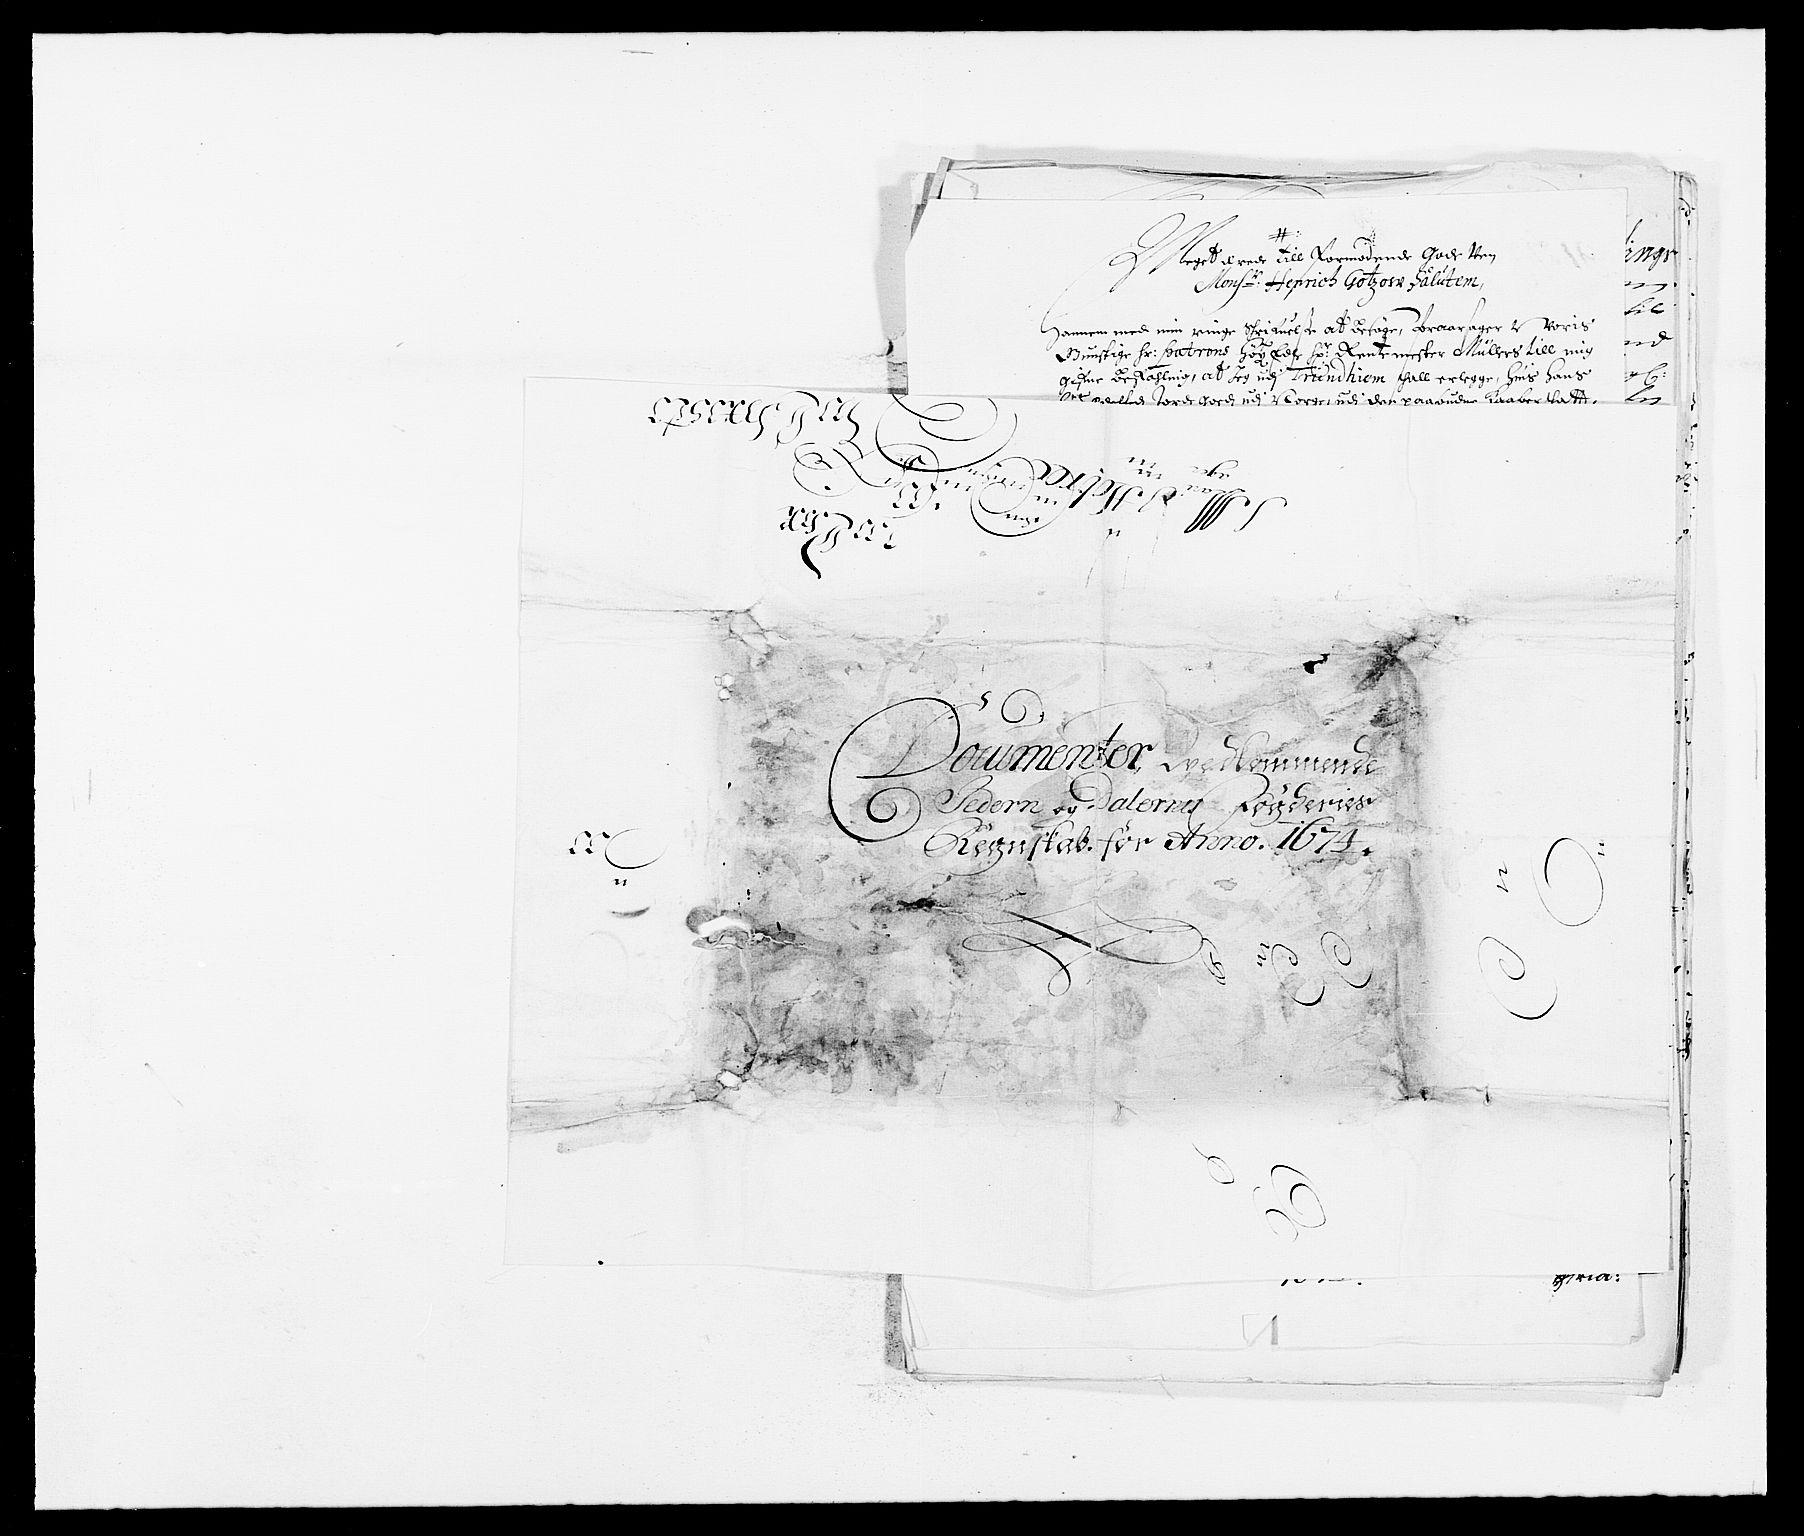 RA, Rentekammeret inntil 1814, Reviderte regnskaper, Fogderegnskap, R46/L2714: Fogderegnskap Jæren og Dalane, 1673-1674, s. 420